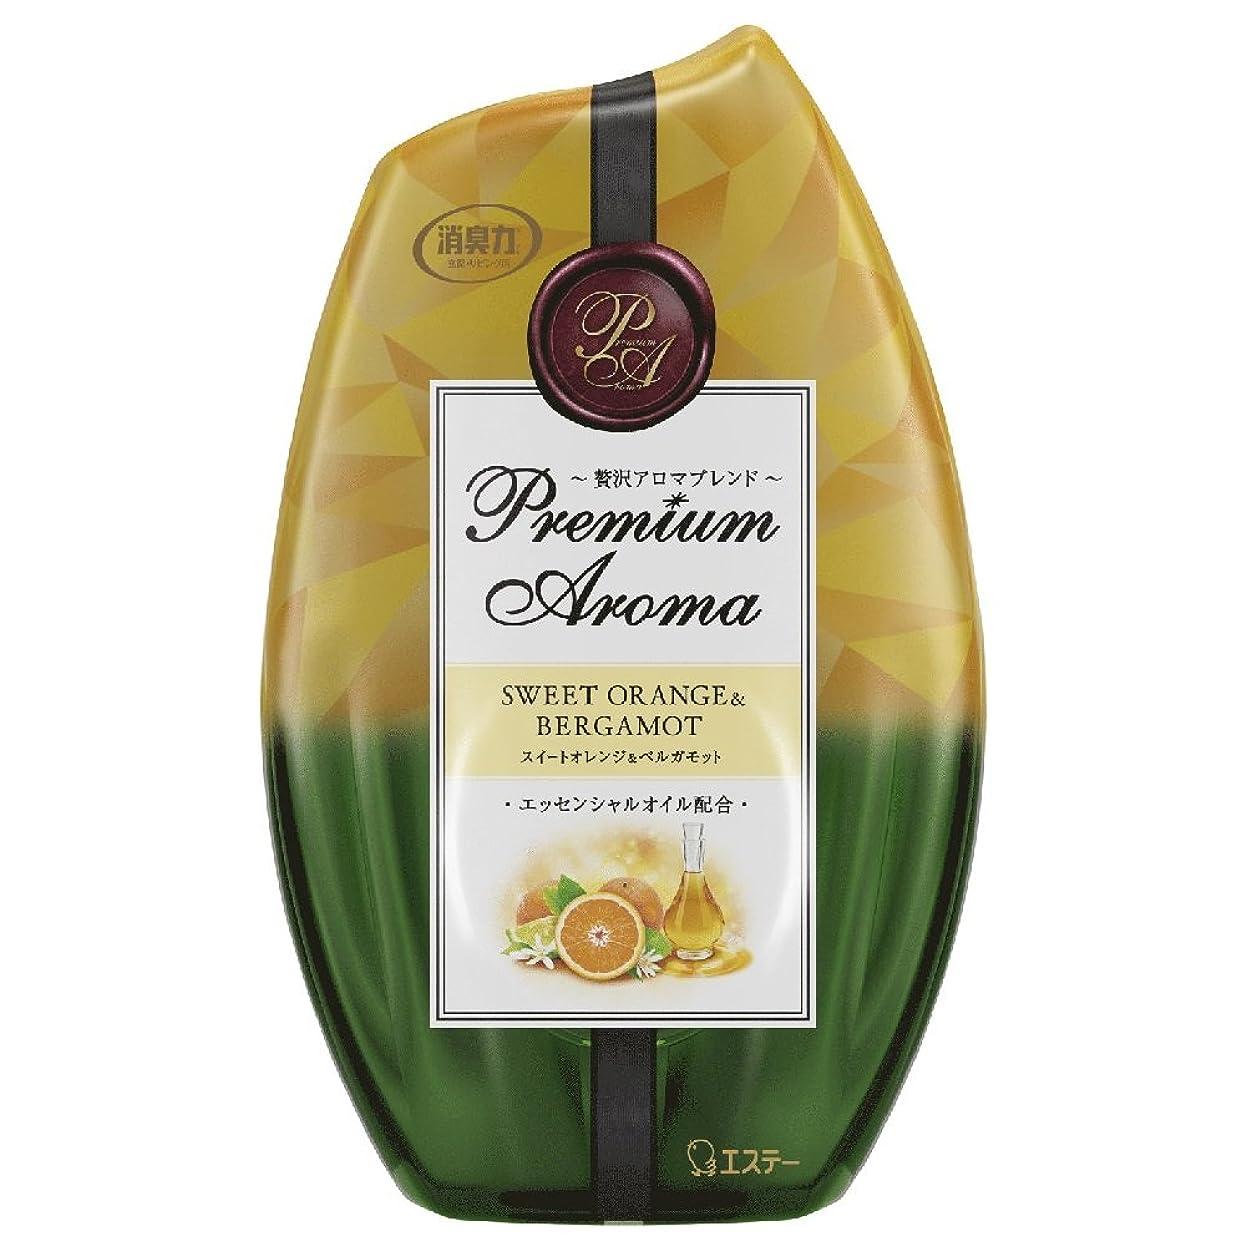 ショットめったにコーデリアお部屋の消臭力 プレミアムアロマ Premium Aroma 消臭芳香剤 部屋用 部屋 スイートオレンジ&ベルガモットの香り 400ml